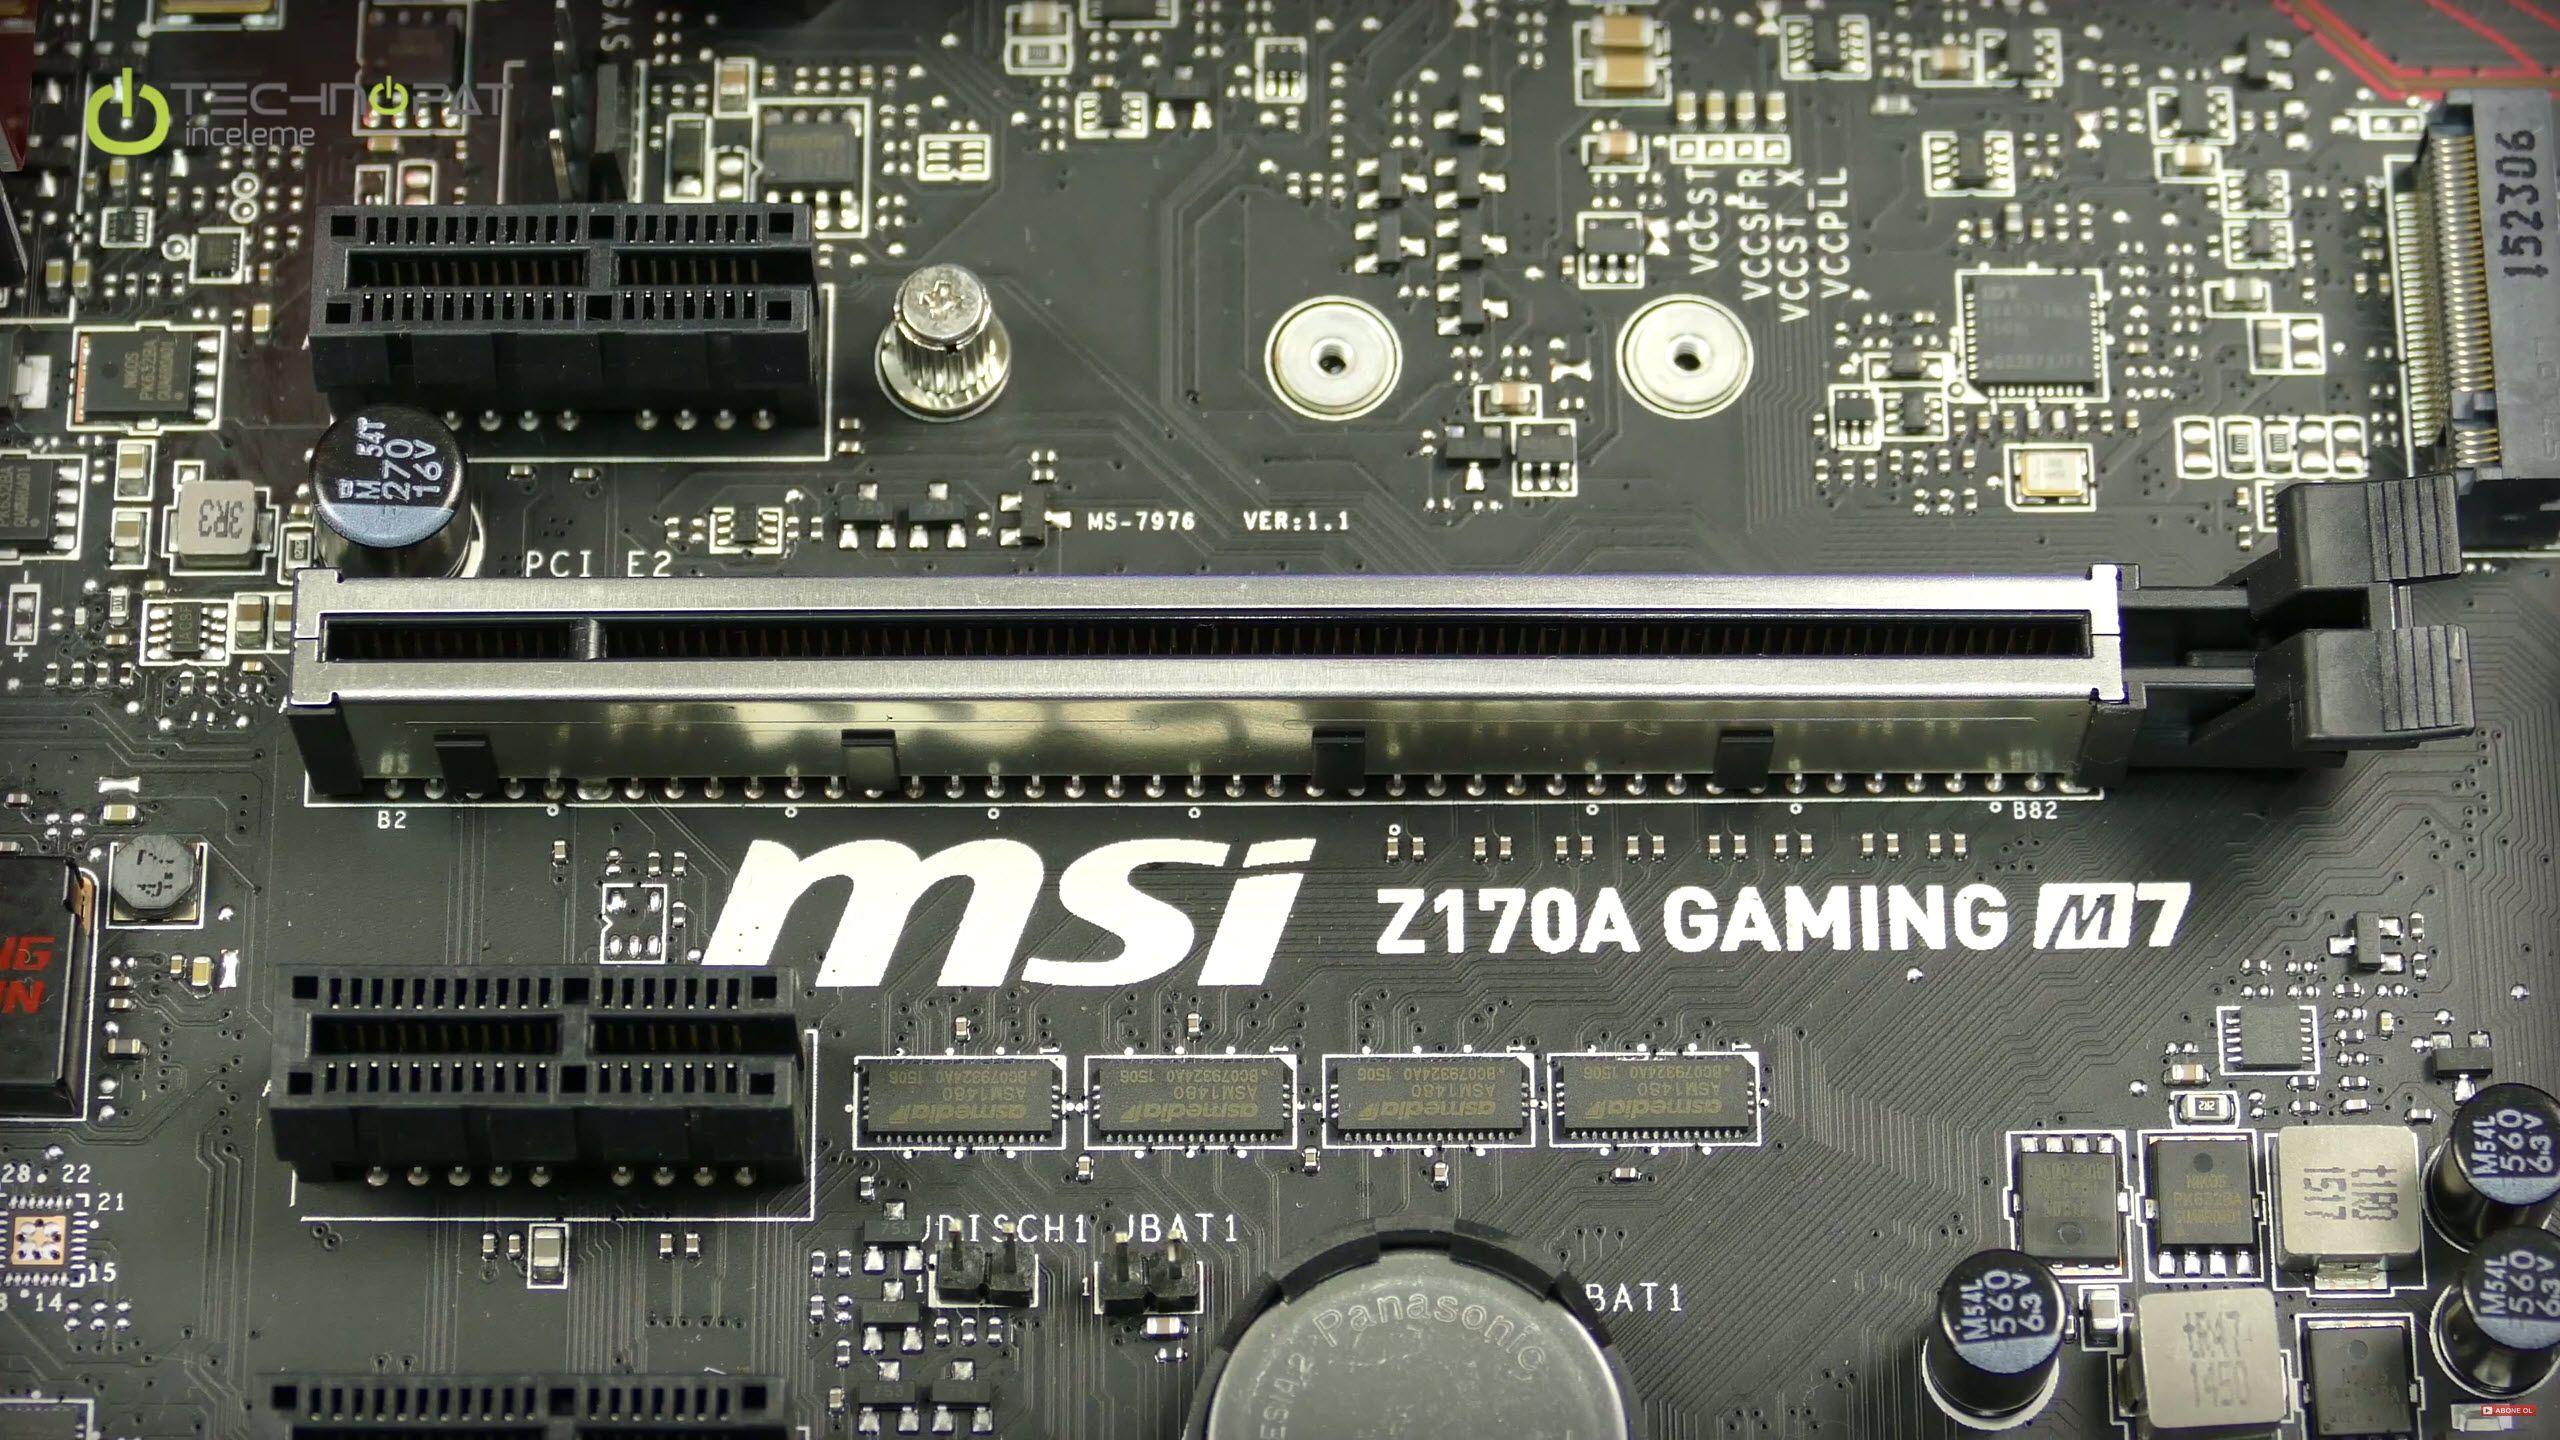 MSı yeni Steel Armor ile PCI Express yuvalarını güçlendiriyor